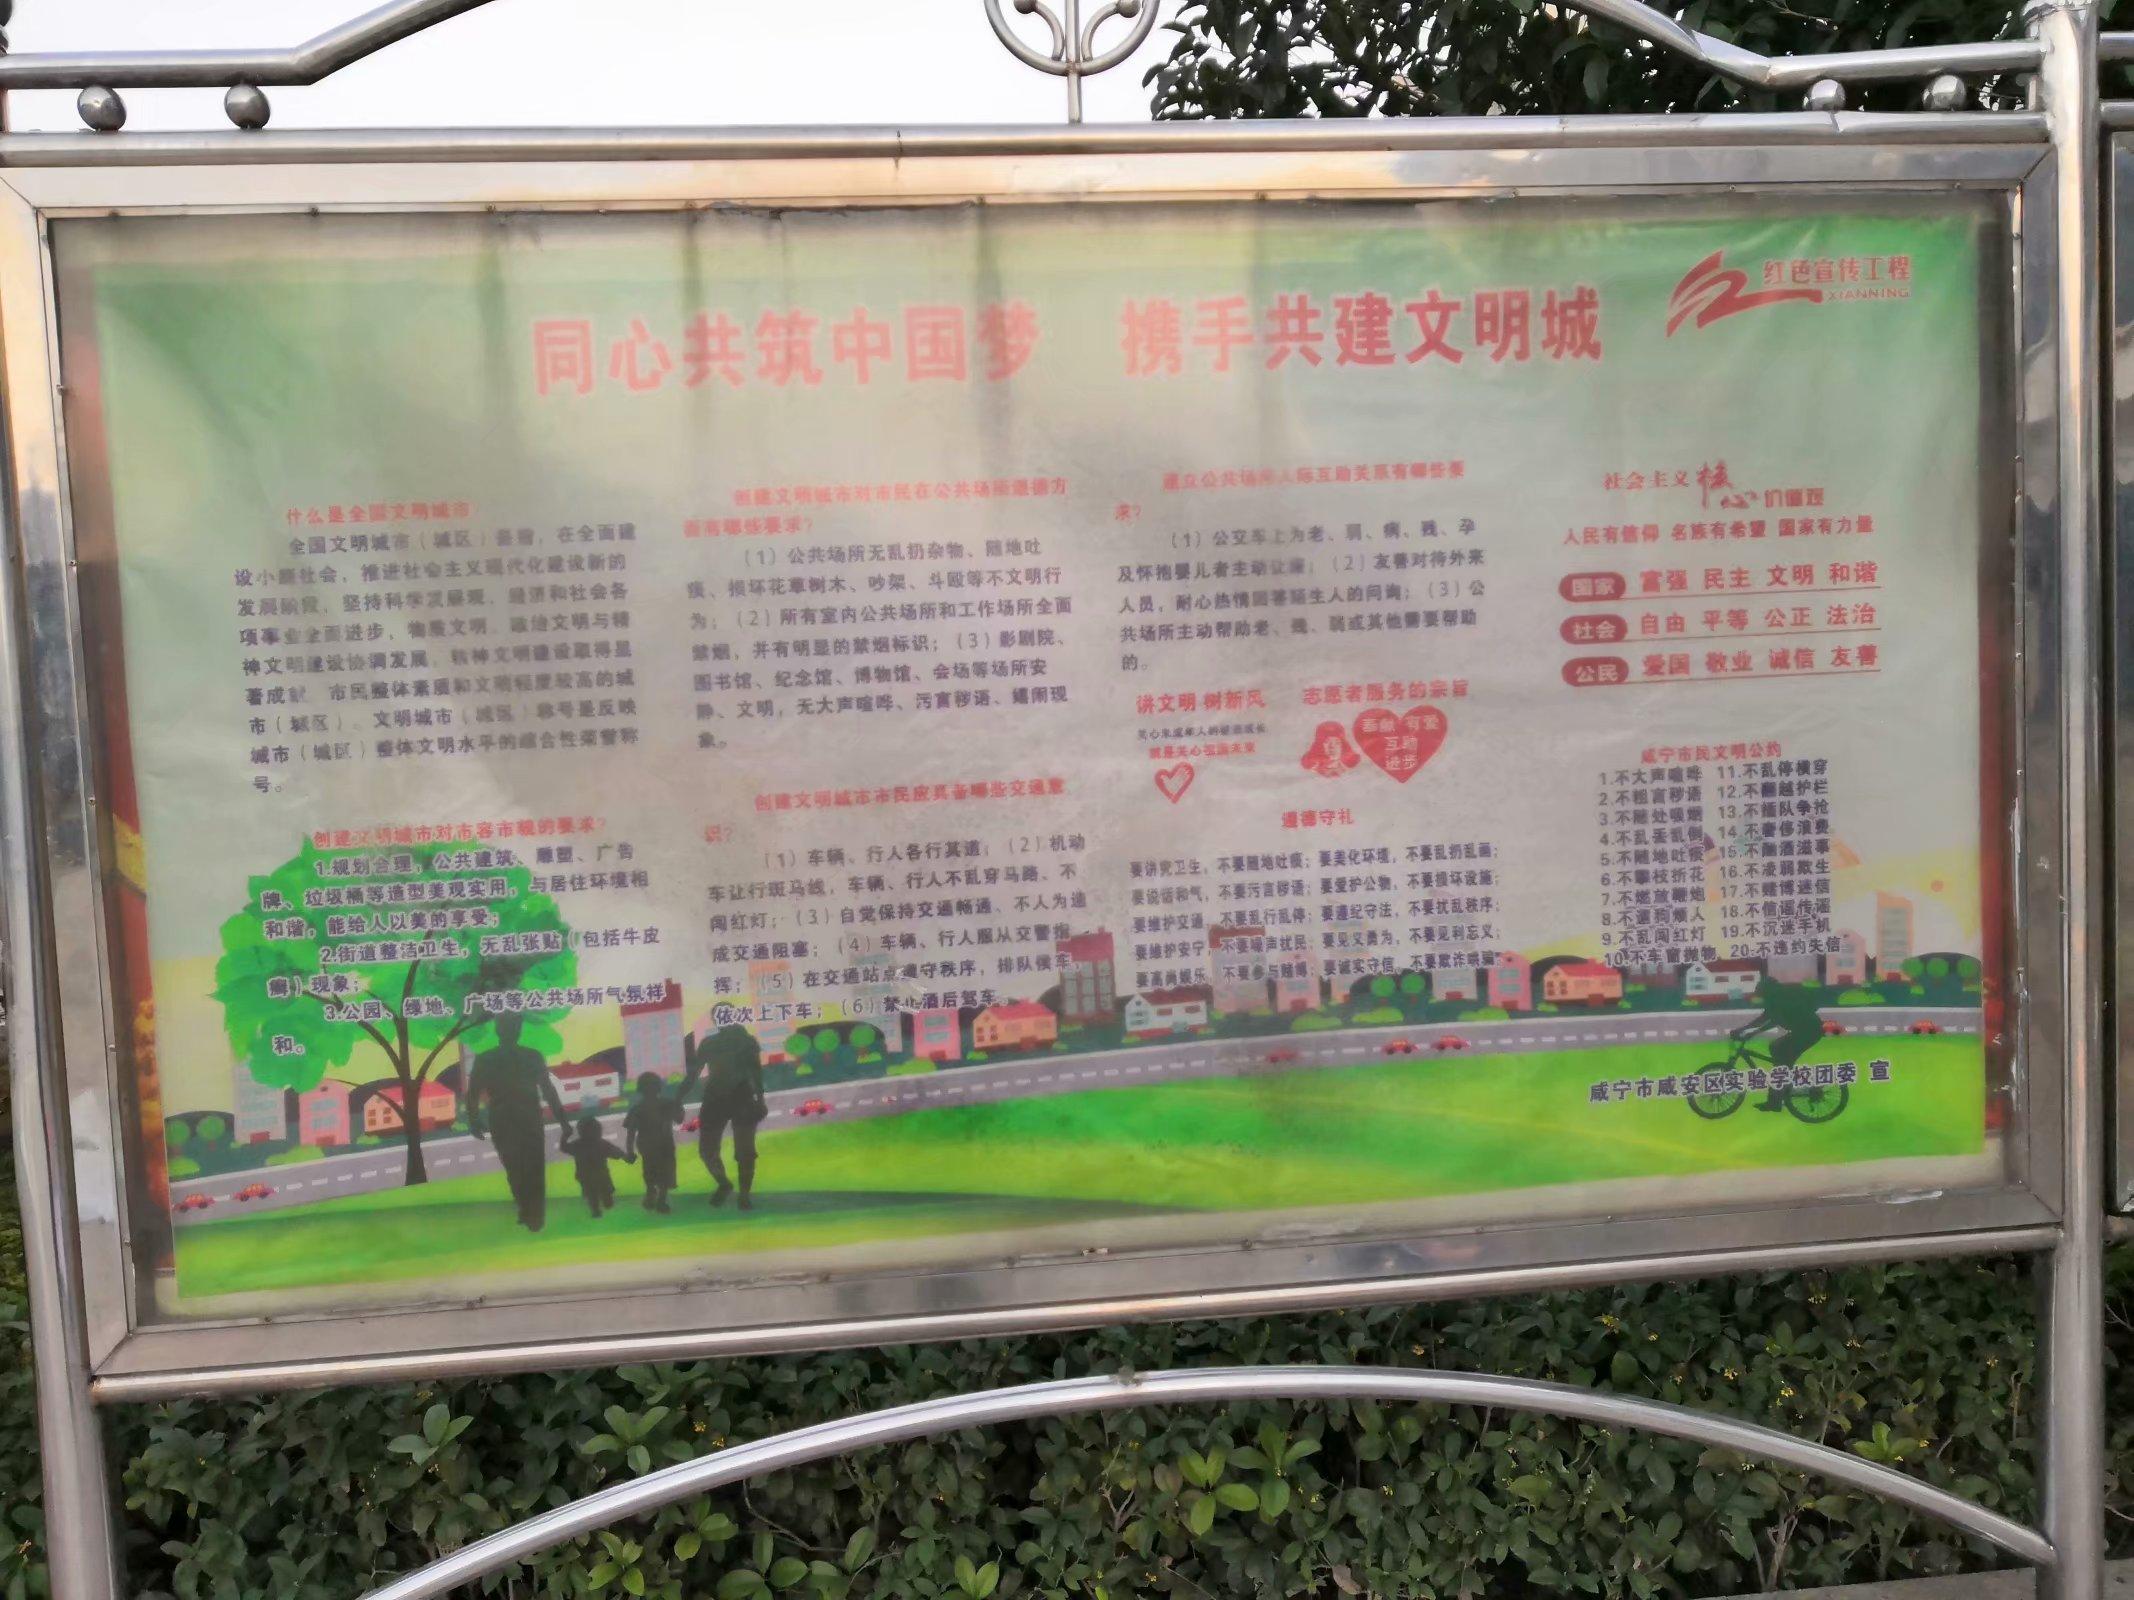 咸安区实验学校校园文化建设(图45)